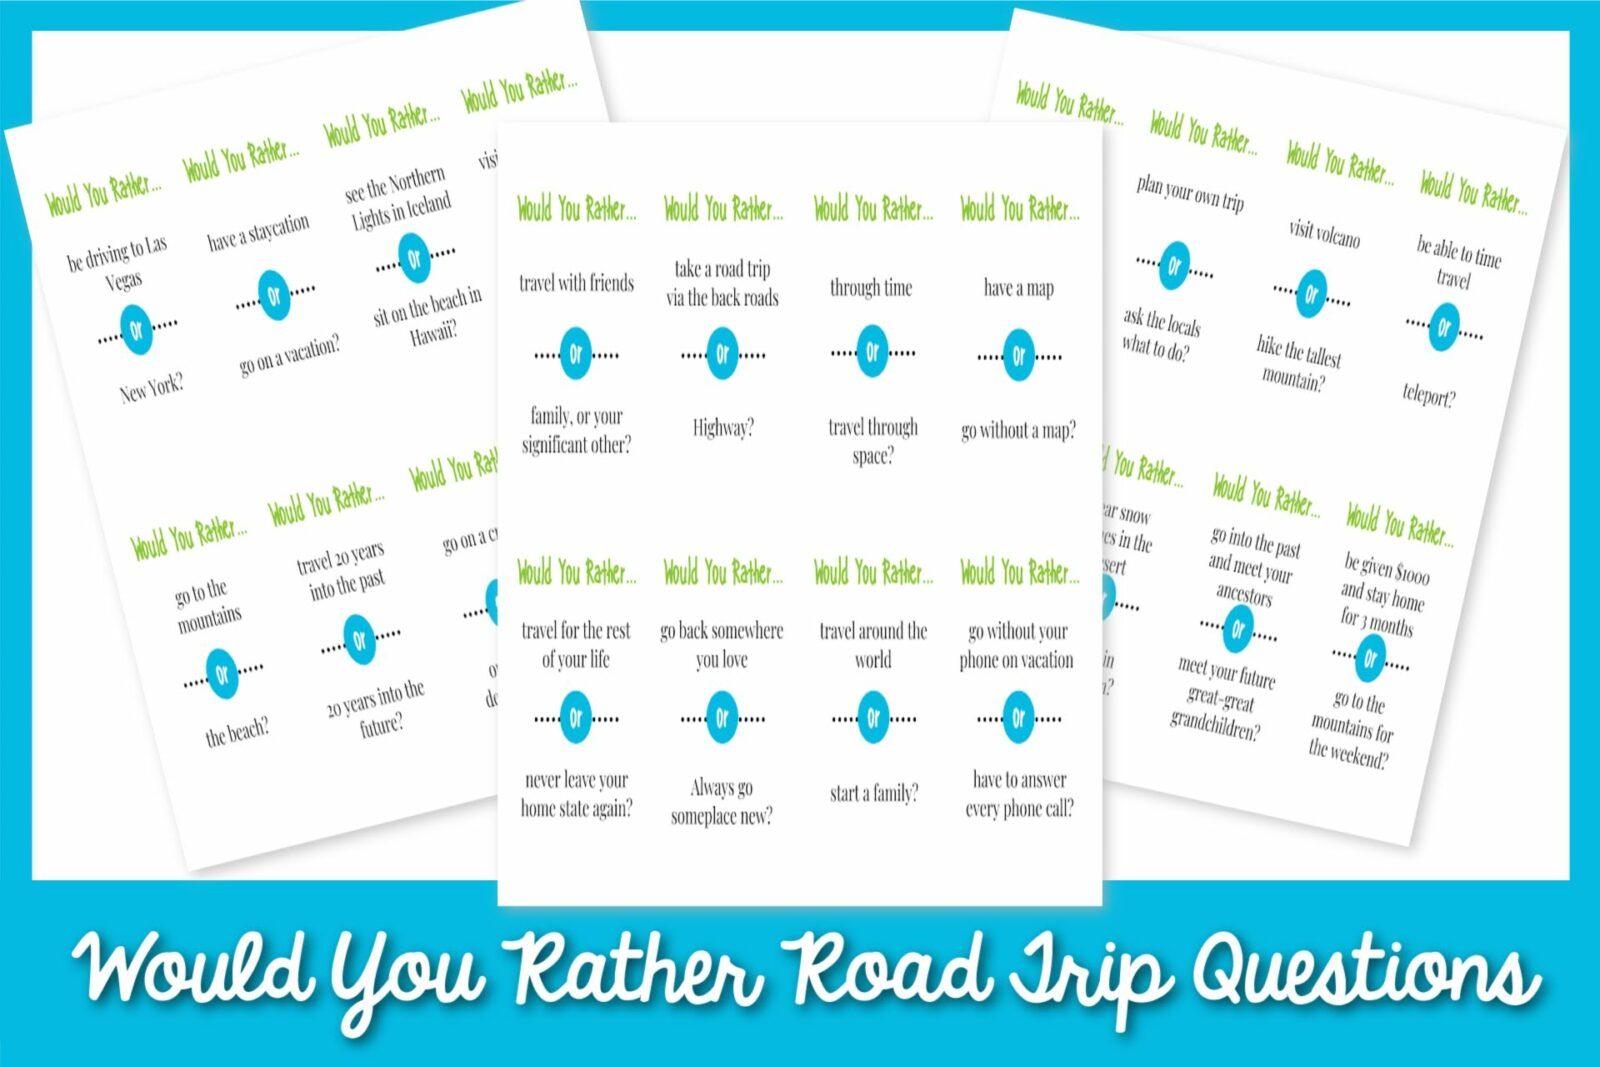 Bạn có hơn 90 câu hỏi về chuyến đi đường không